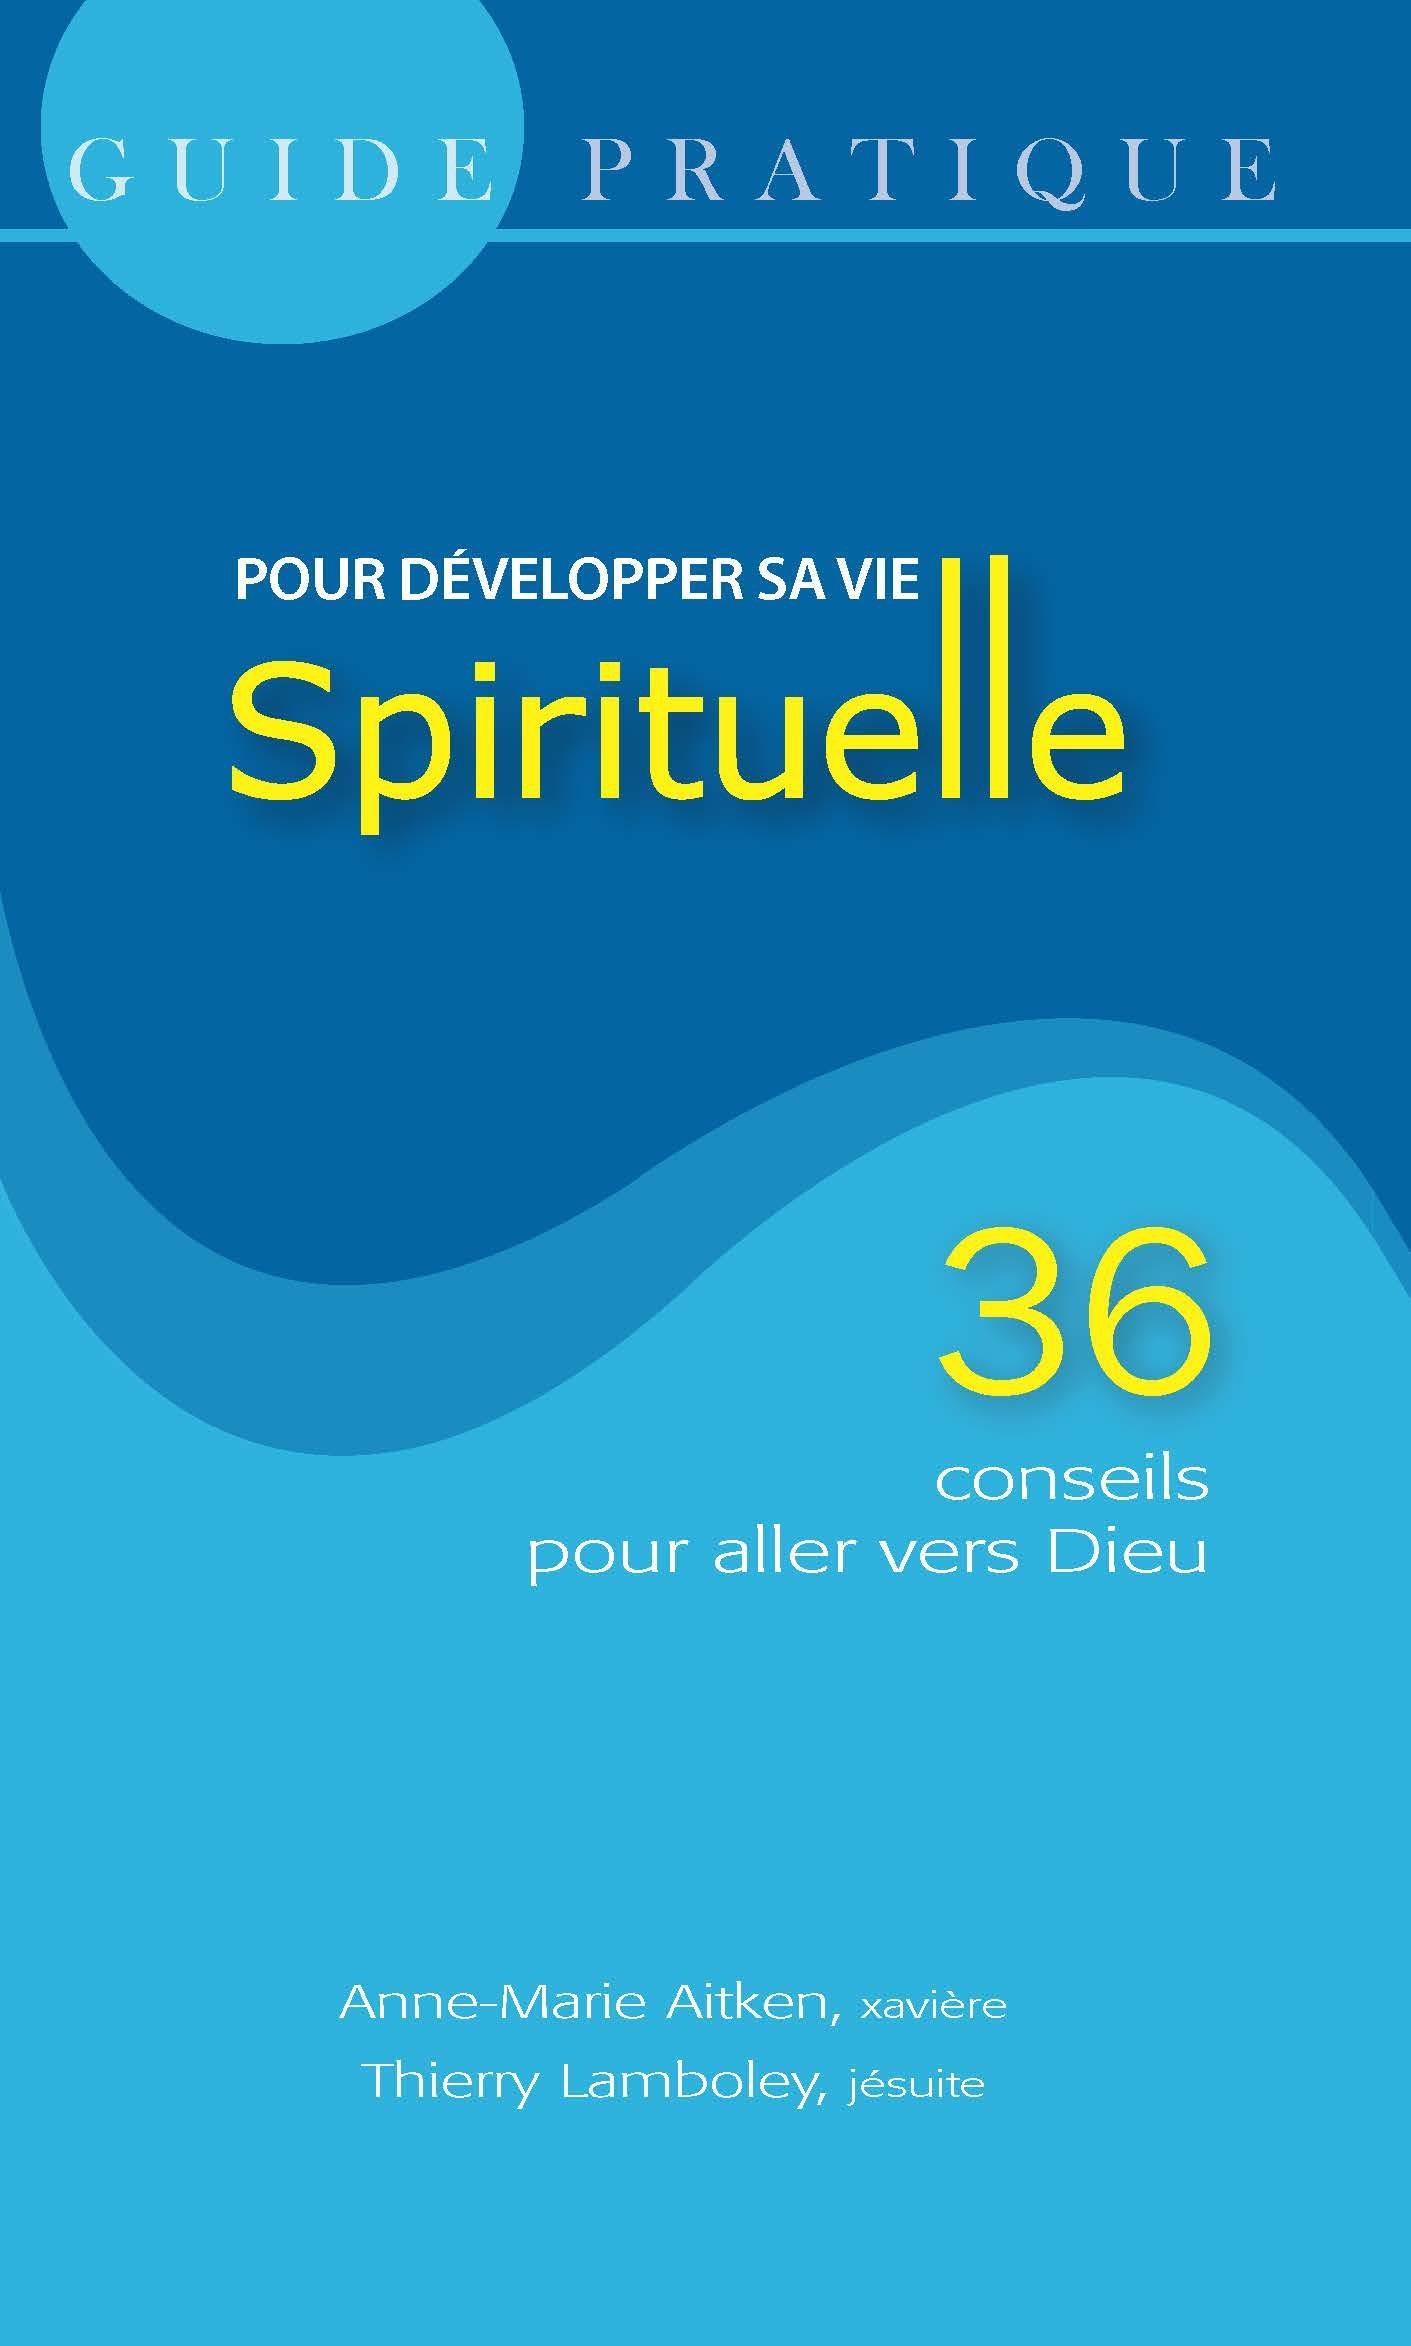 Guide pratique pour développer sa vie spirituelle ; 36 conseils pour aller vers Dieu